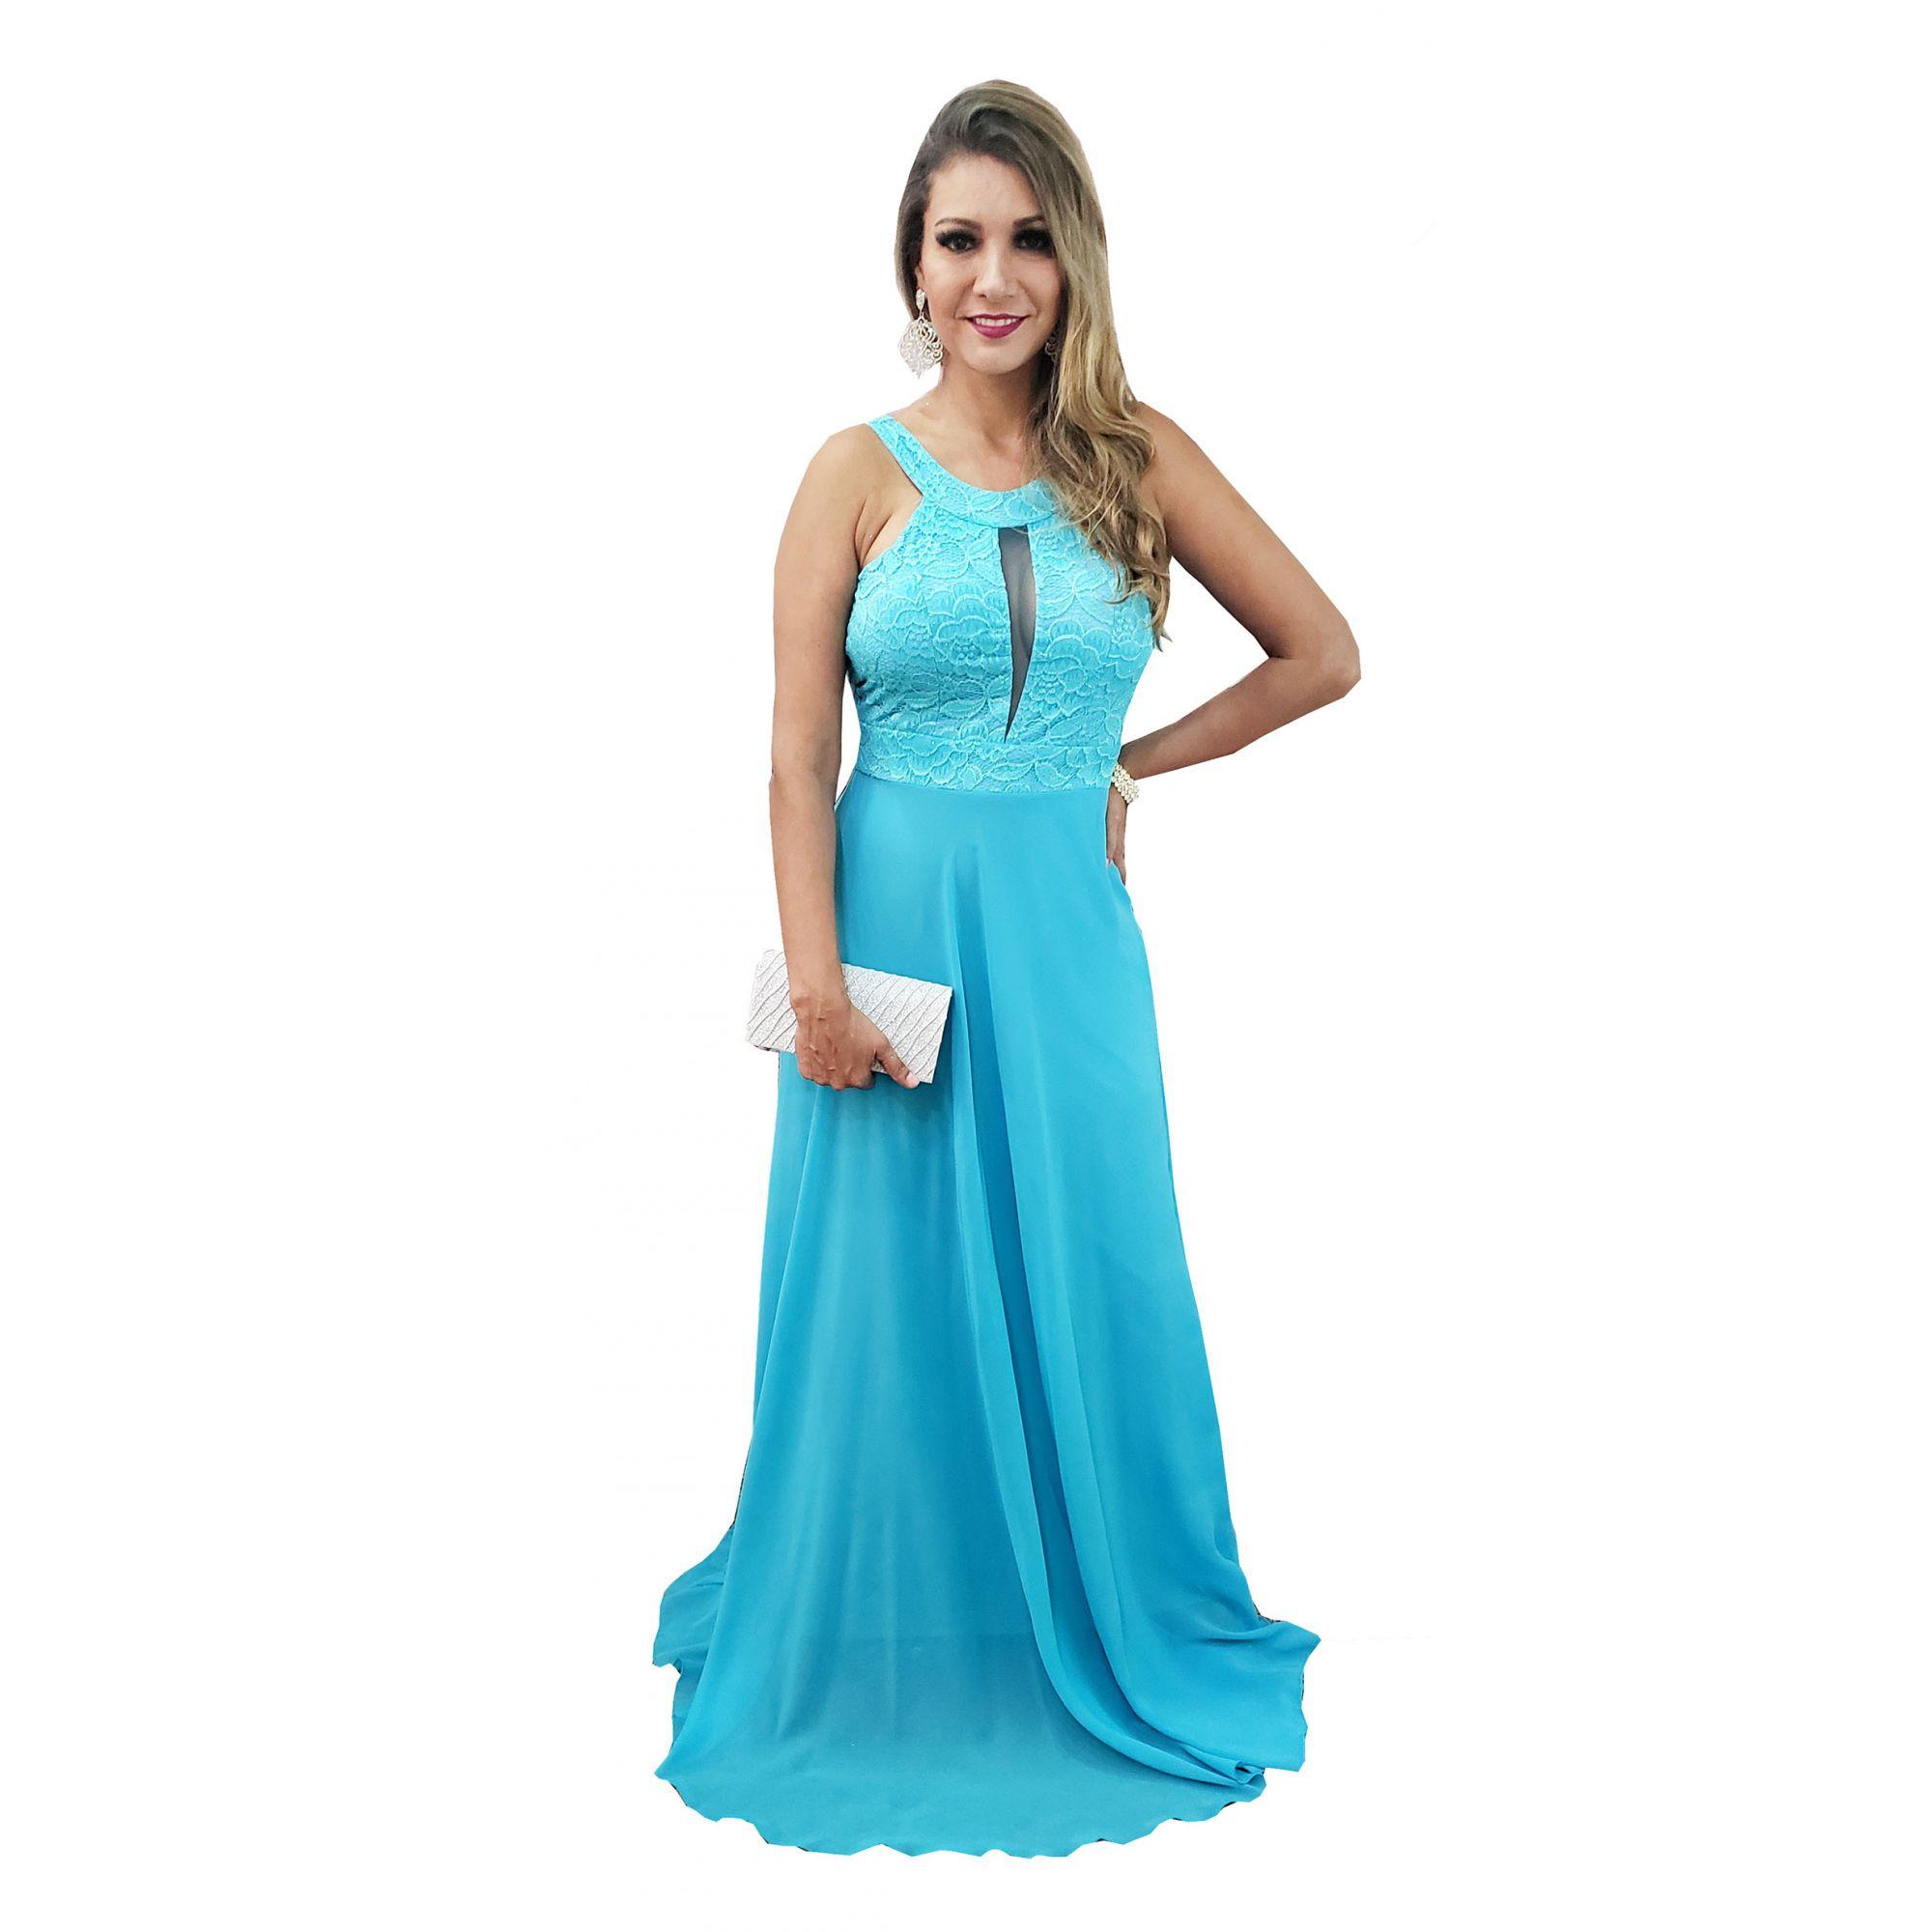 705f9a684 Vestido Festa Longo Azul Tiffany Madrinha Formatura Brilho - Grife ...